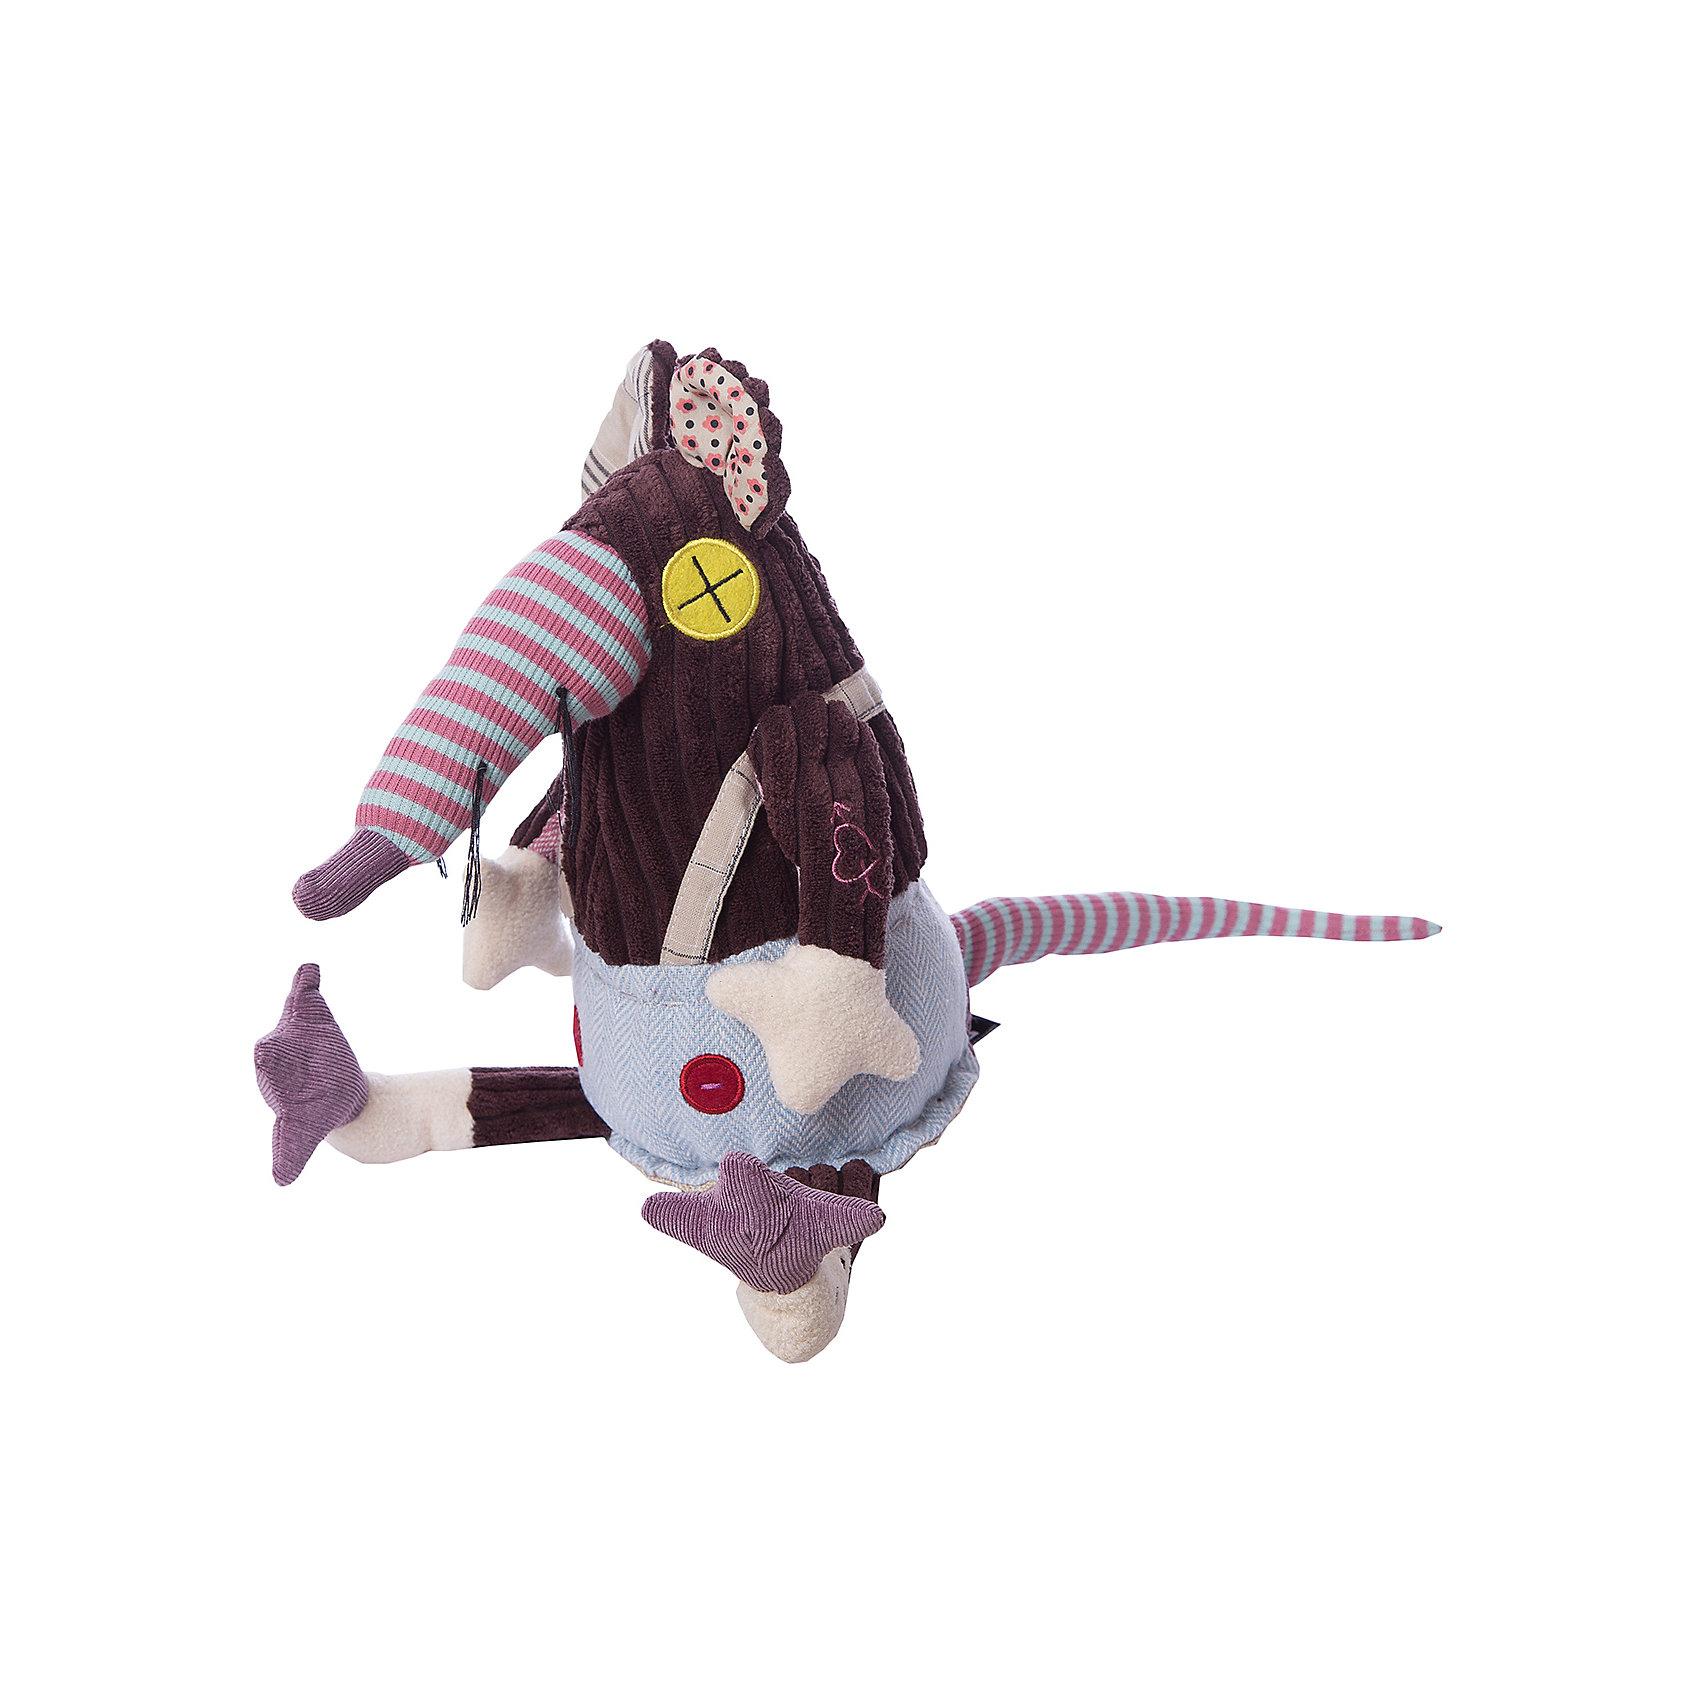 DEGLINGOS  Крыска Ratos OriginalDEGLINGOS  Крыска Ratos Original (Деглингос)<br><br>Характеристики:<br><br>• оригинальный дизайн<br>• приятен на ощупь<br>• материал: текстиль<br>• размер упаковки: 13х18х21,5 см<br>• вес: 150 грамм<br><br>Яркая крыска Ratos изготовлена из разных кусочков ткани, приятных на ощупь. Она имеет разные глазки и ушки, но это совершенно не мешает ей оставаться милой и привлекательной. Игрушка непременно привлечет внимание детей и взрослых!<br><br>DEGLINGOS  Крыска Ratos Original (Деглингос) можно купить в нашем интернет-магазине.<br><br>Ширина мм: 120<br>Глубина мм: 120<br>Высота мм: 350<br>Вес г: 230<br>Возраст от месяцев: 36<br>Возраст до месяцев: 1188<br>Пол: Унисекс<br>Возраст: Детский<br>SKU: 2523732